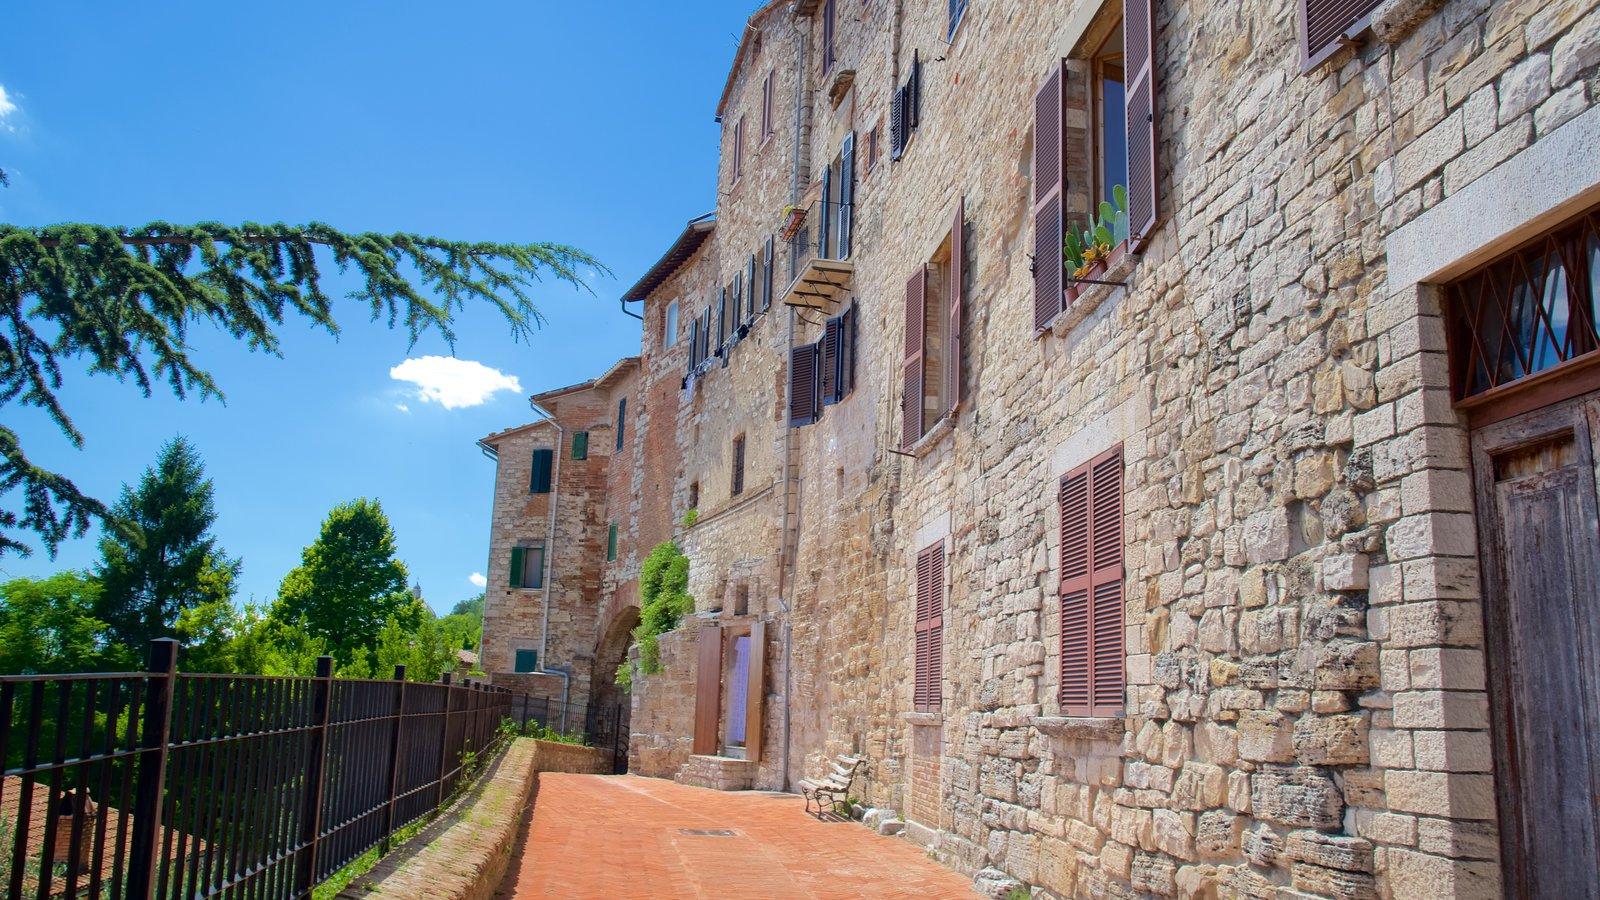 Todi que incluye patrimonio de arquitectura y una pequeña ciudad o pueblo